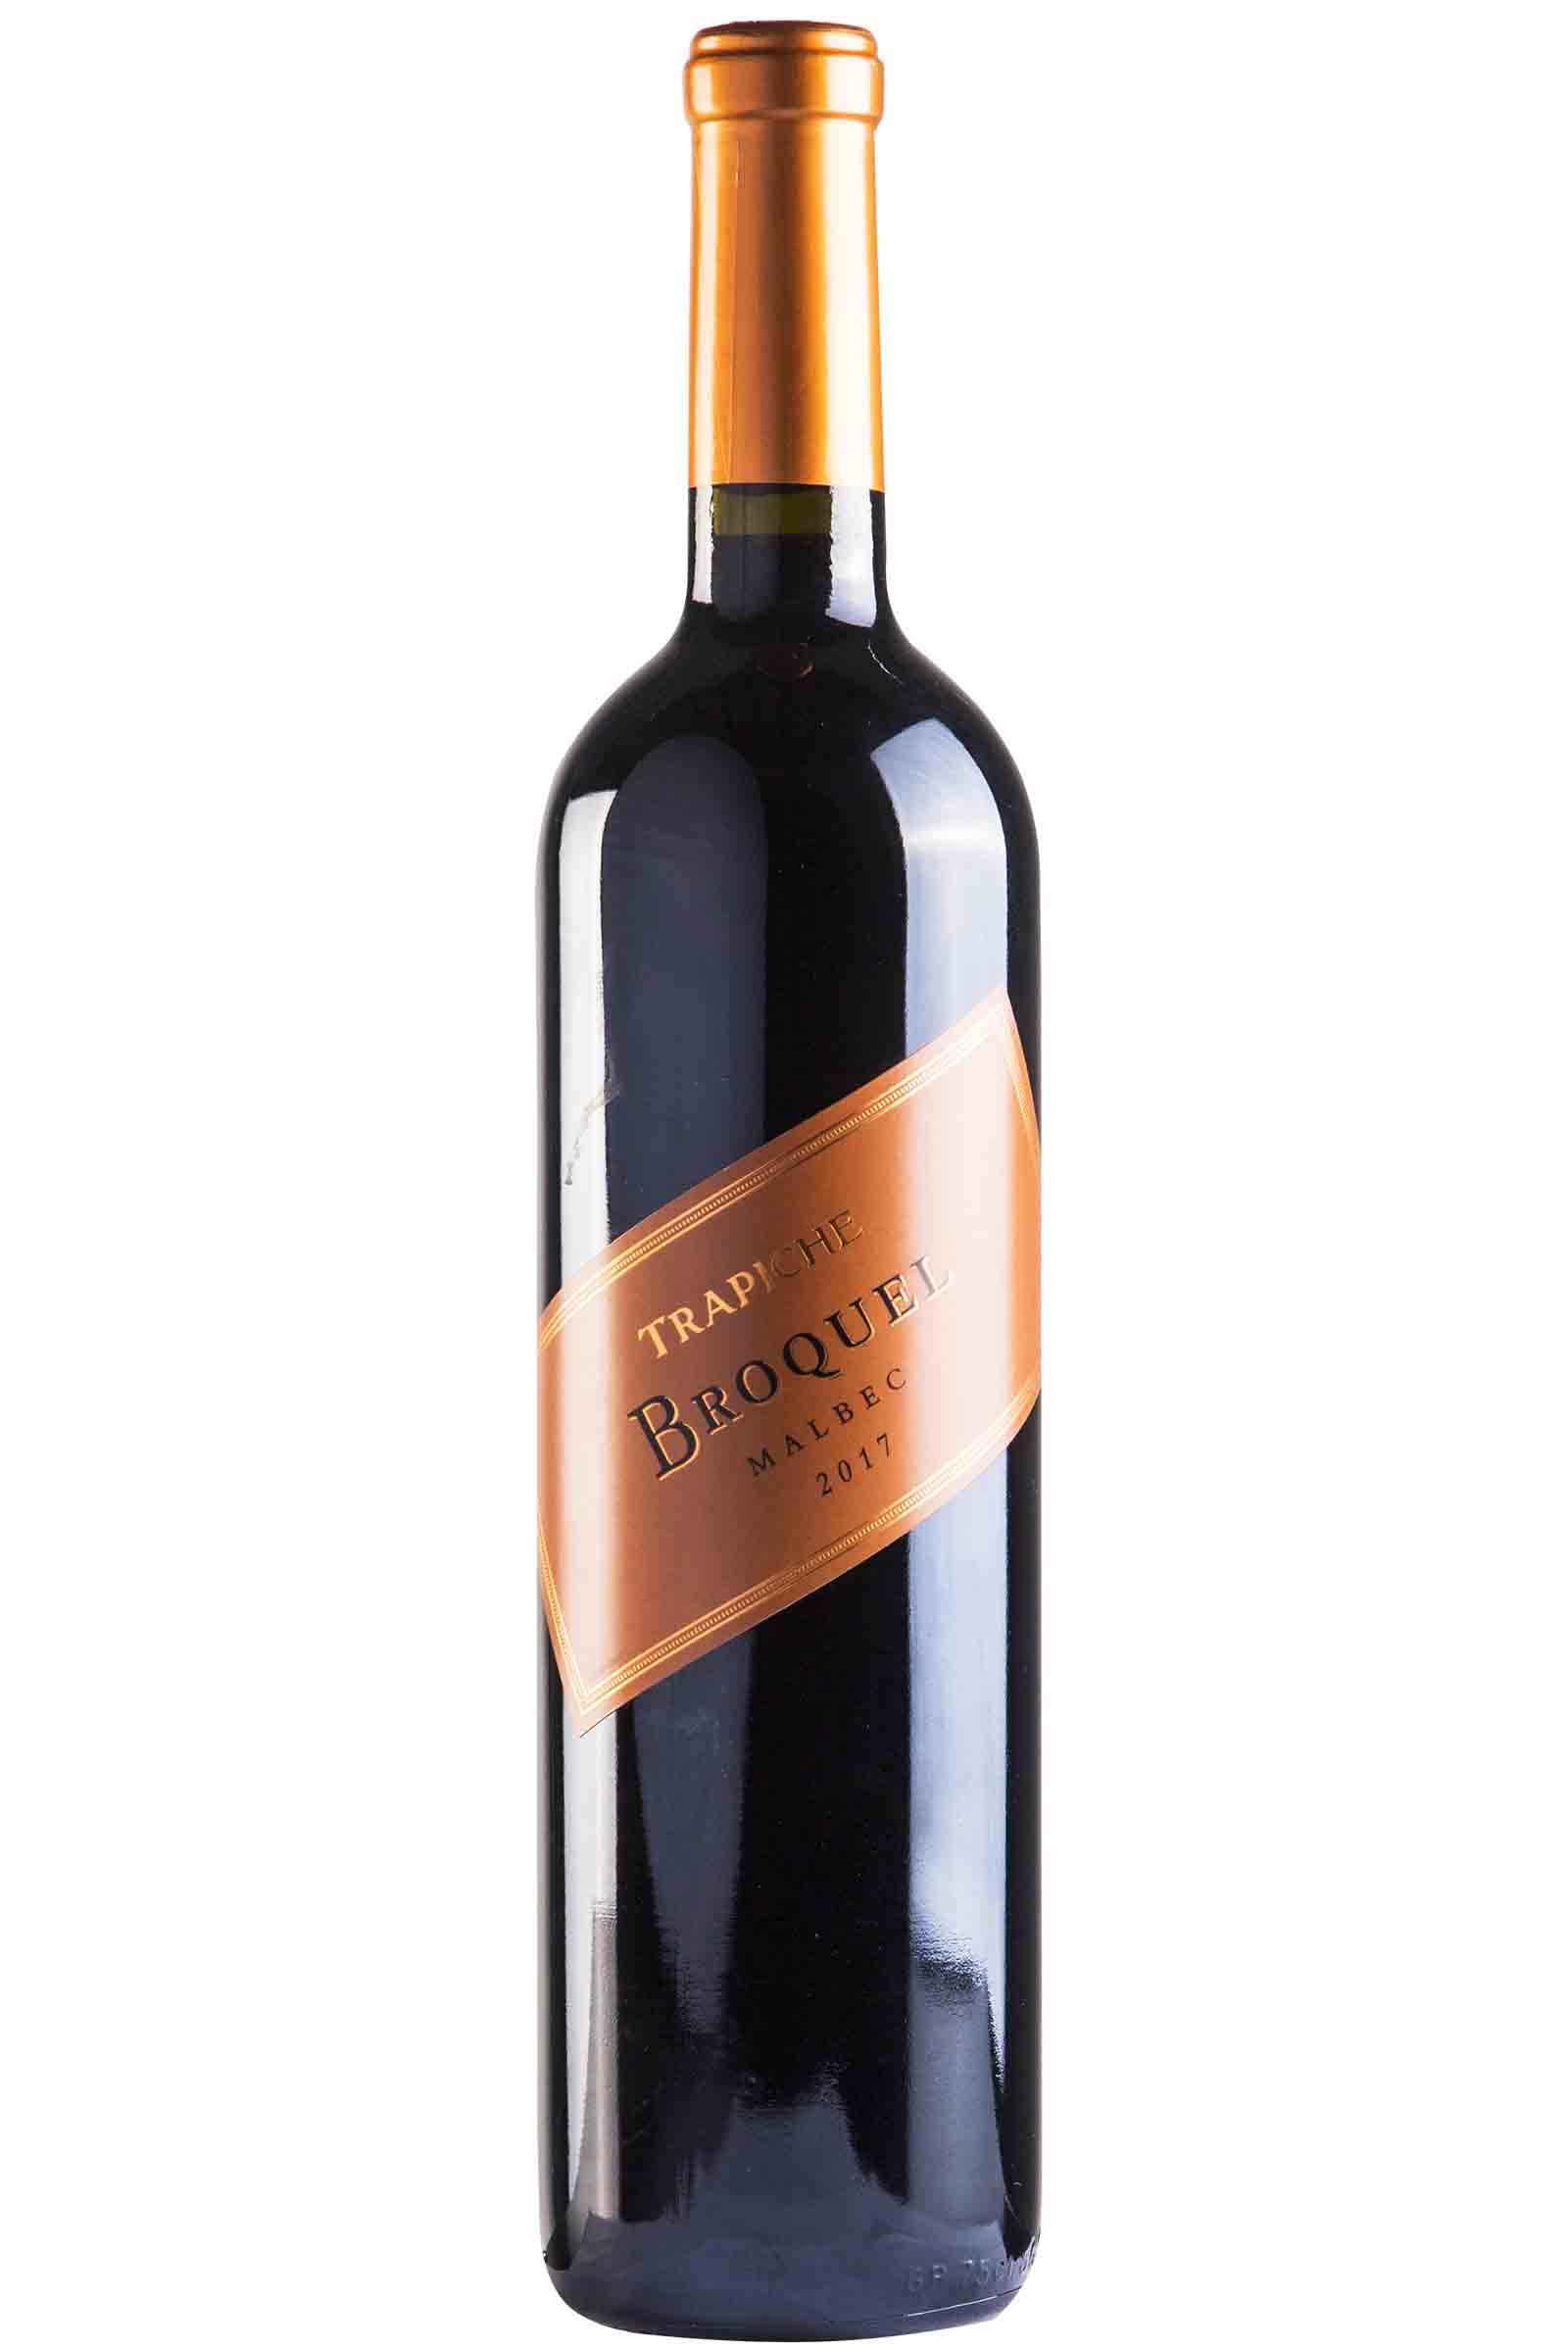 Vino Trapiche Broquel Malbec 750ml